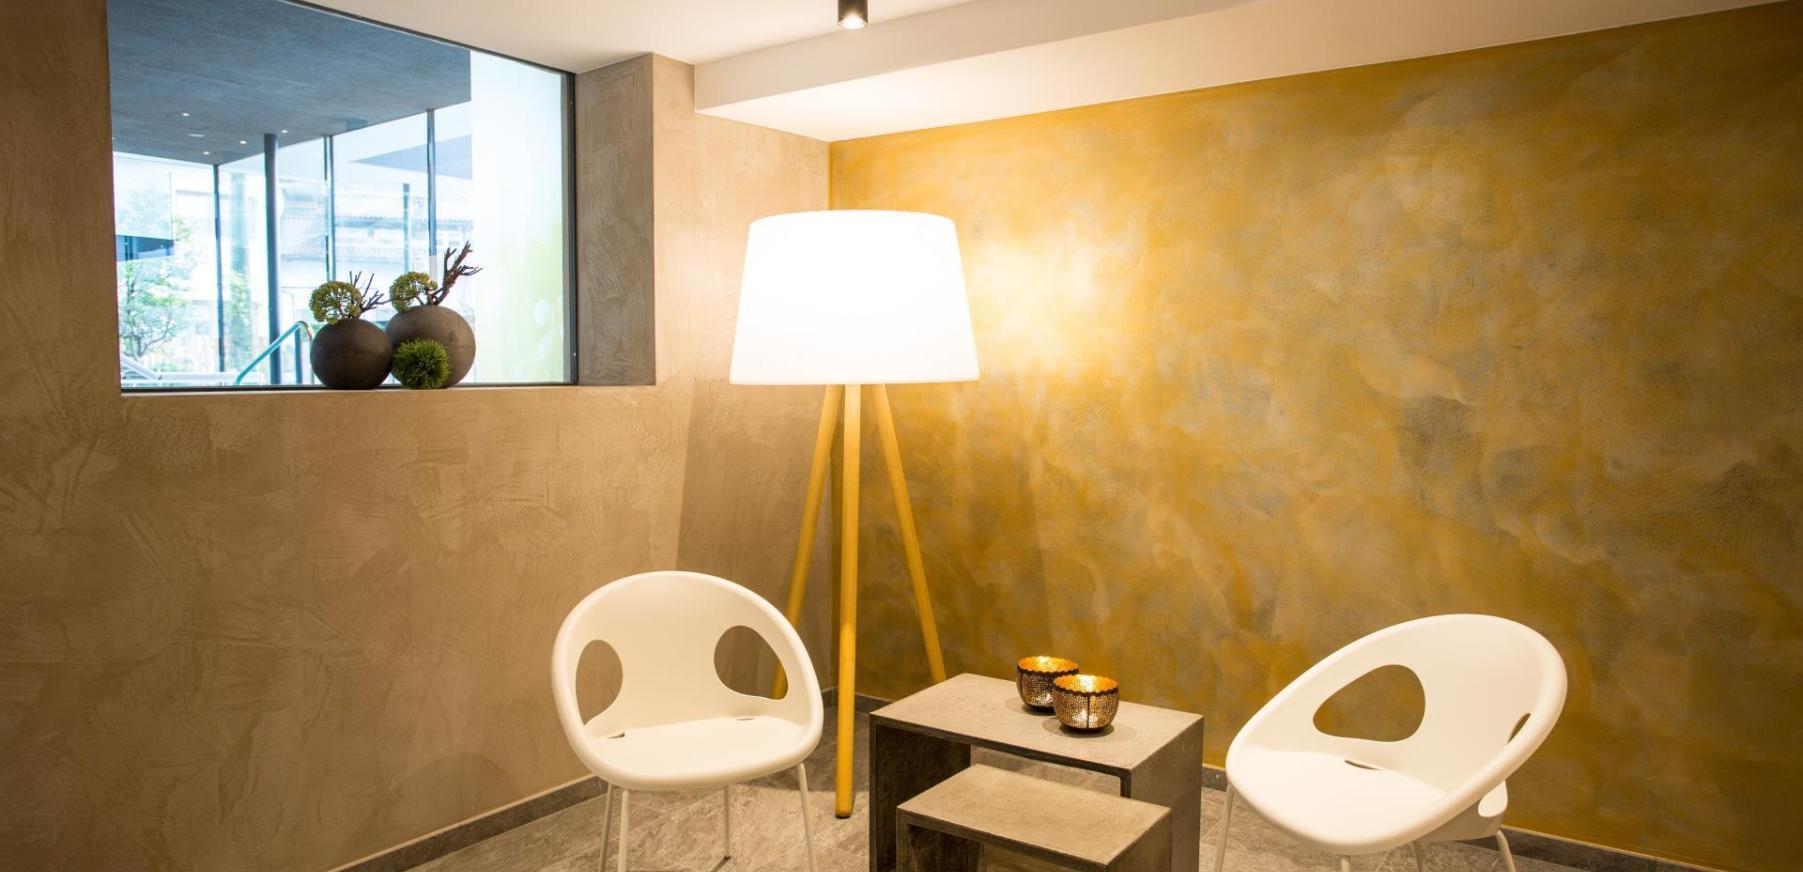 erleben sie unsere wasserwelt im hotel hilburger in schenna bei meran. Black Bedroom Furniture Sets. Home Design Ideas